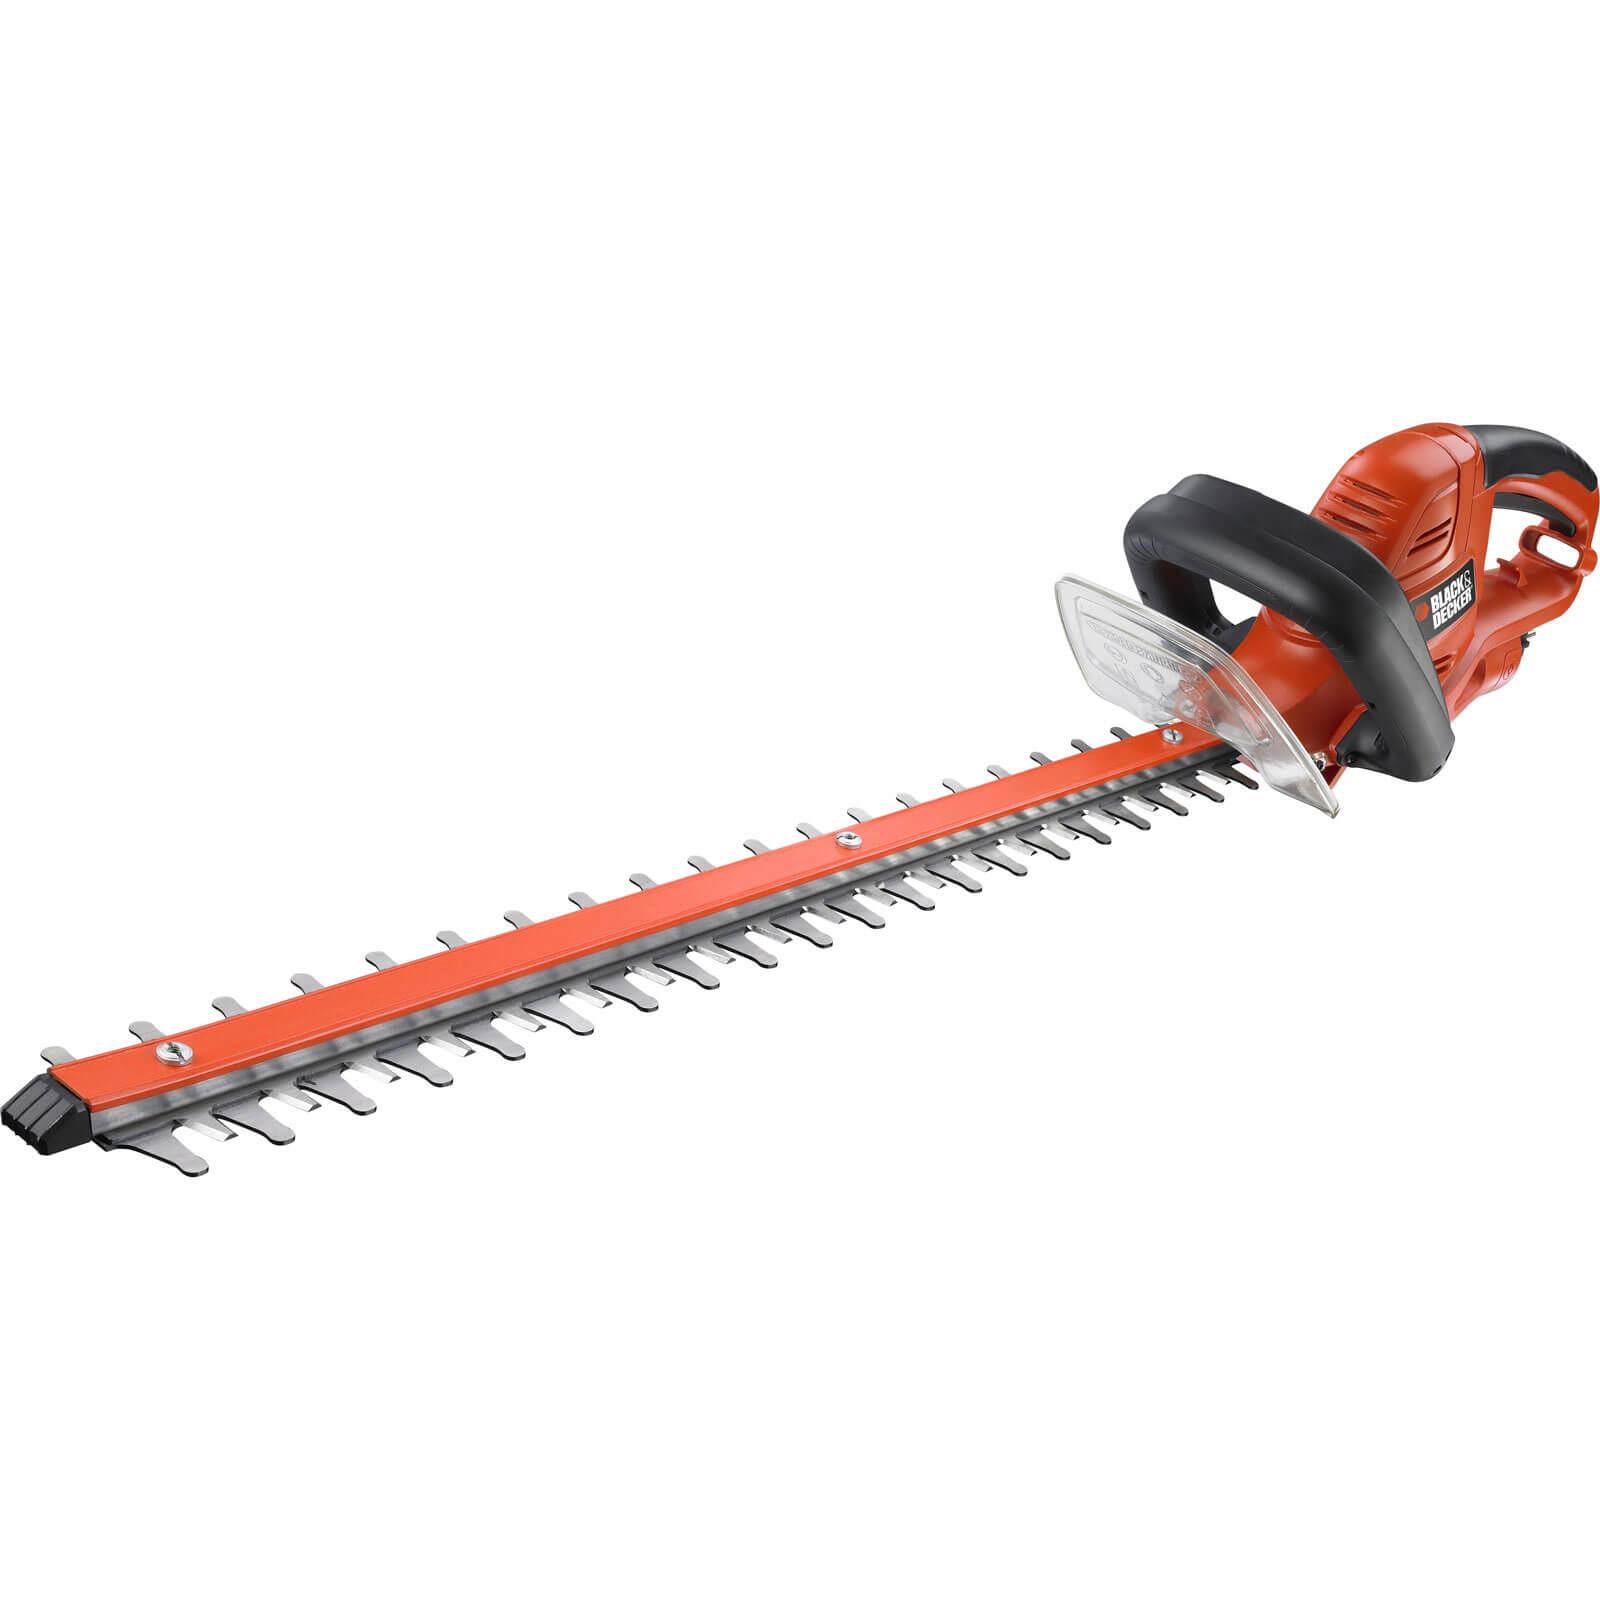 Black & Decker GT6060 Hedge Trimmer 600mm Blade Length 600w 240v